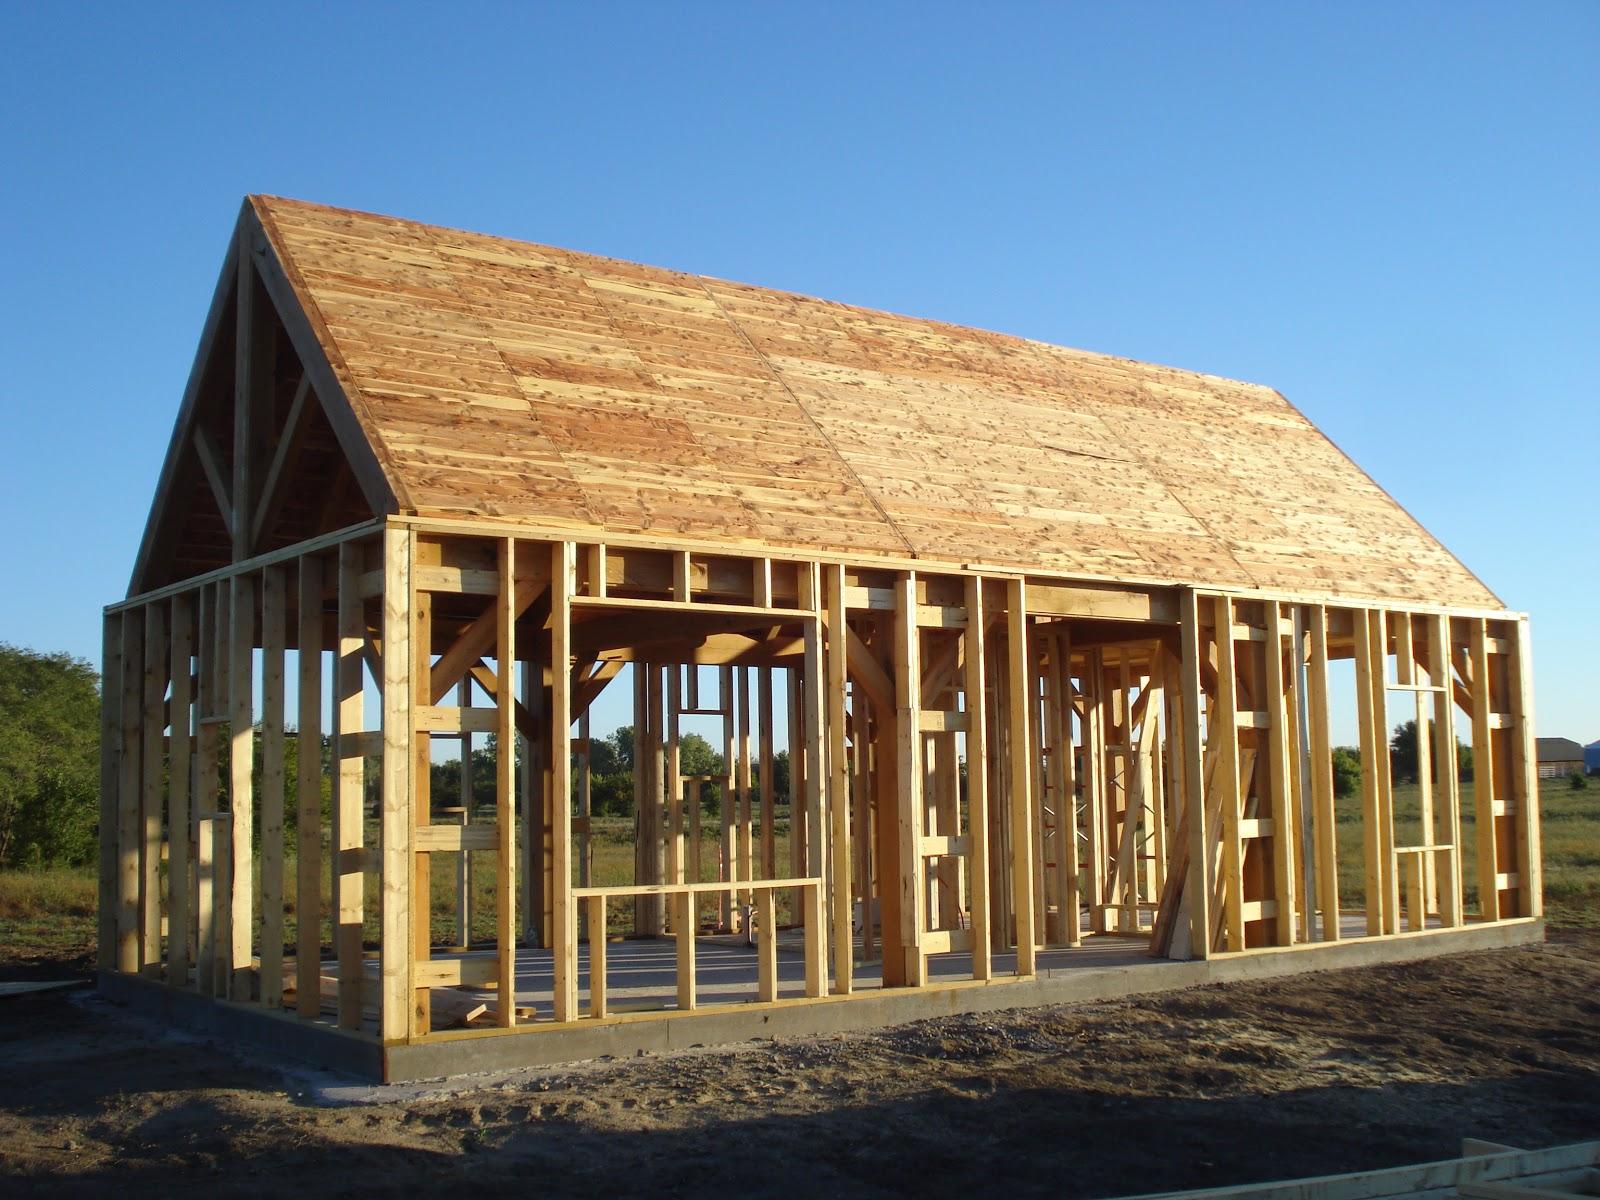 Exterior Roof Framing : Elderslie cottage interior exterior wall and roof framing